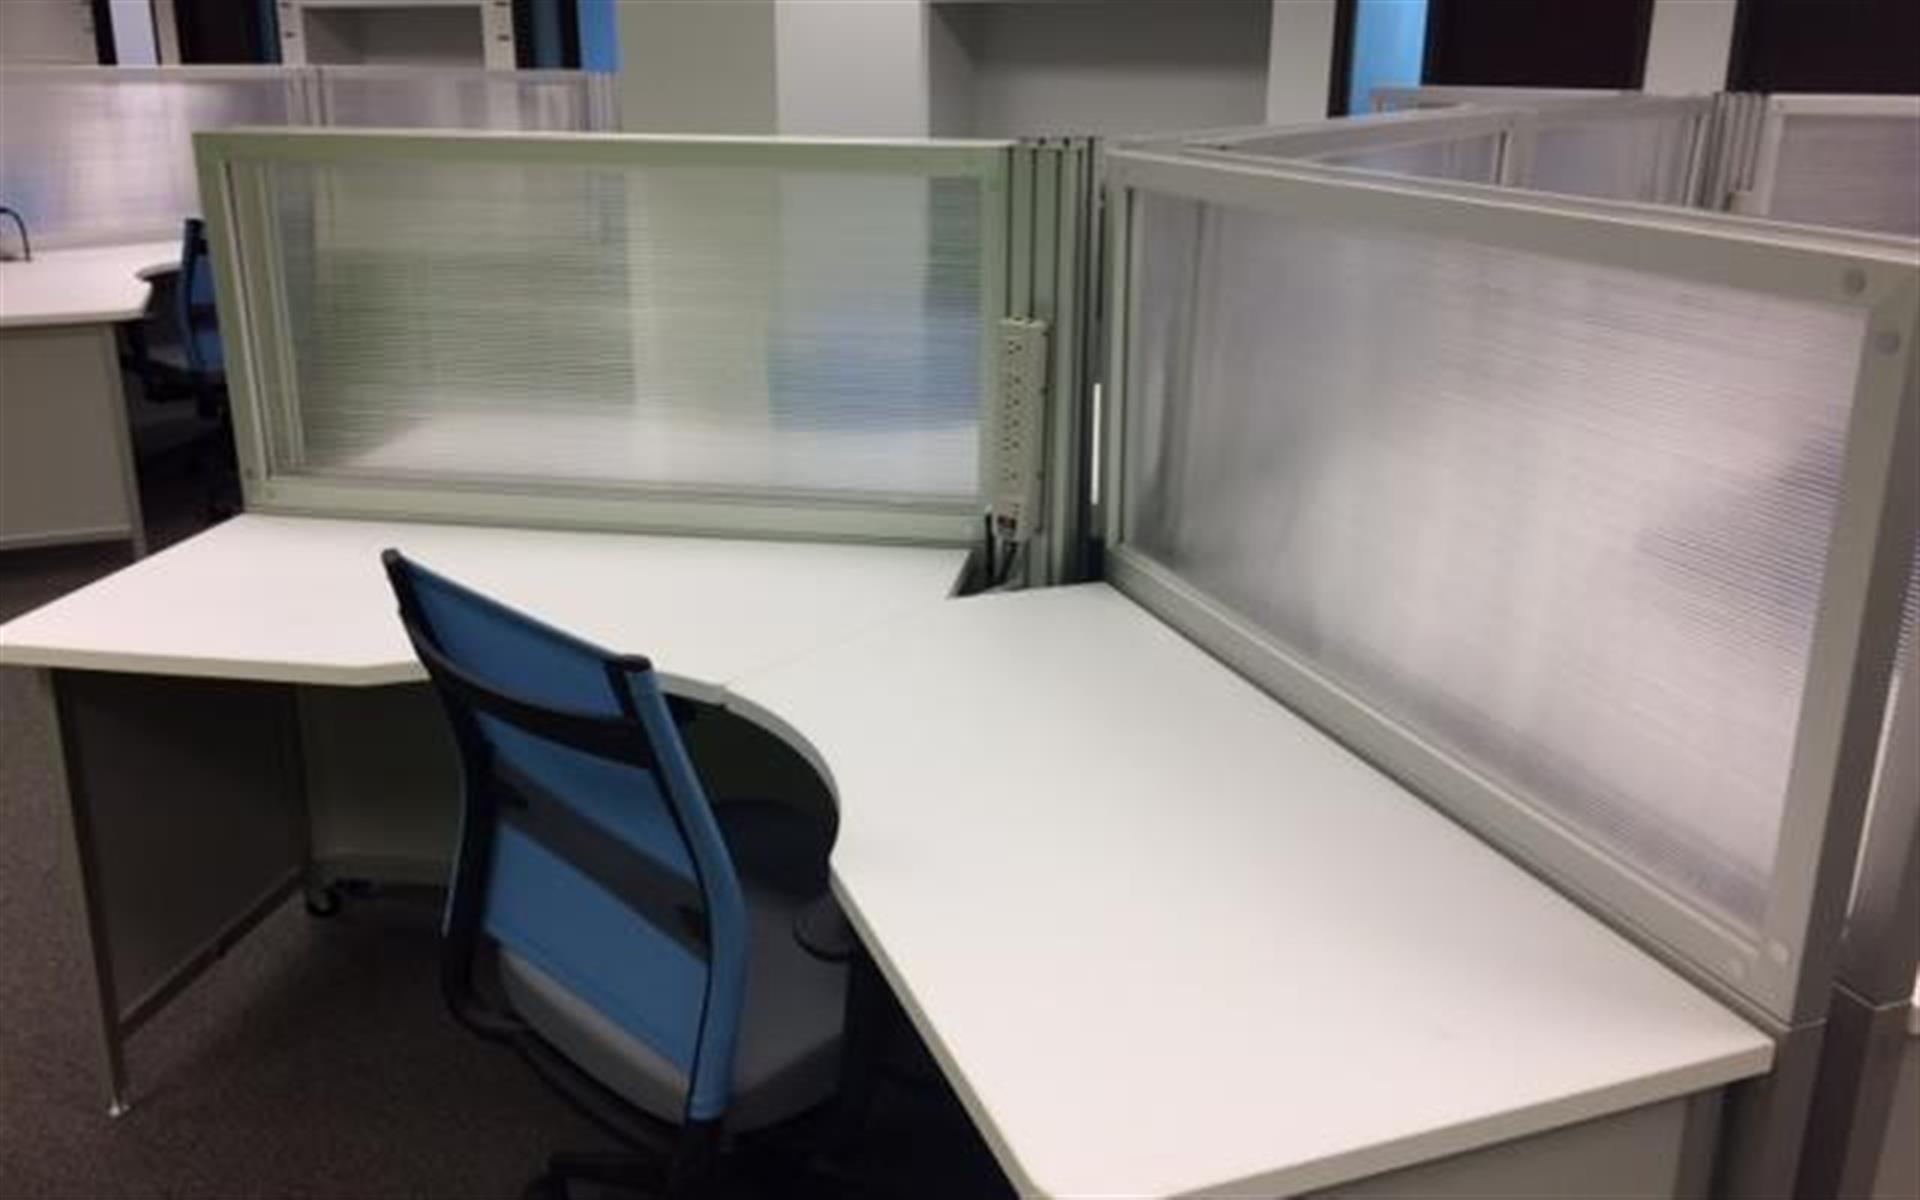 CollaborationCore - Mobile Work Desk